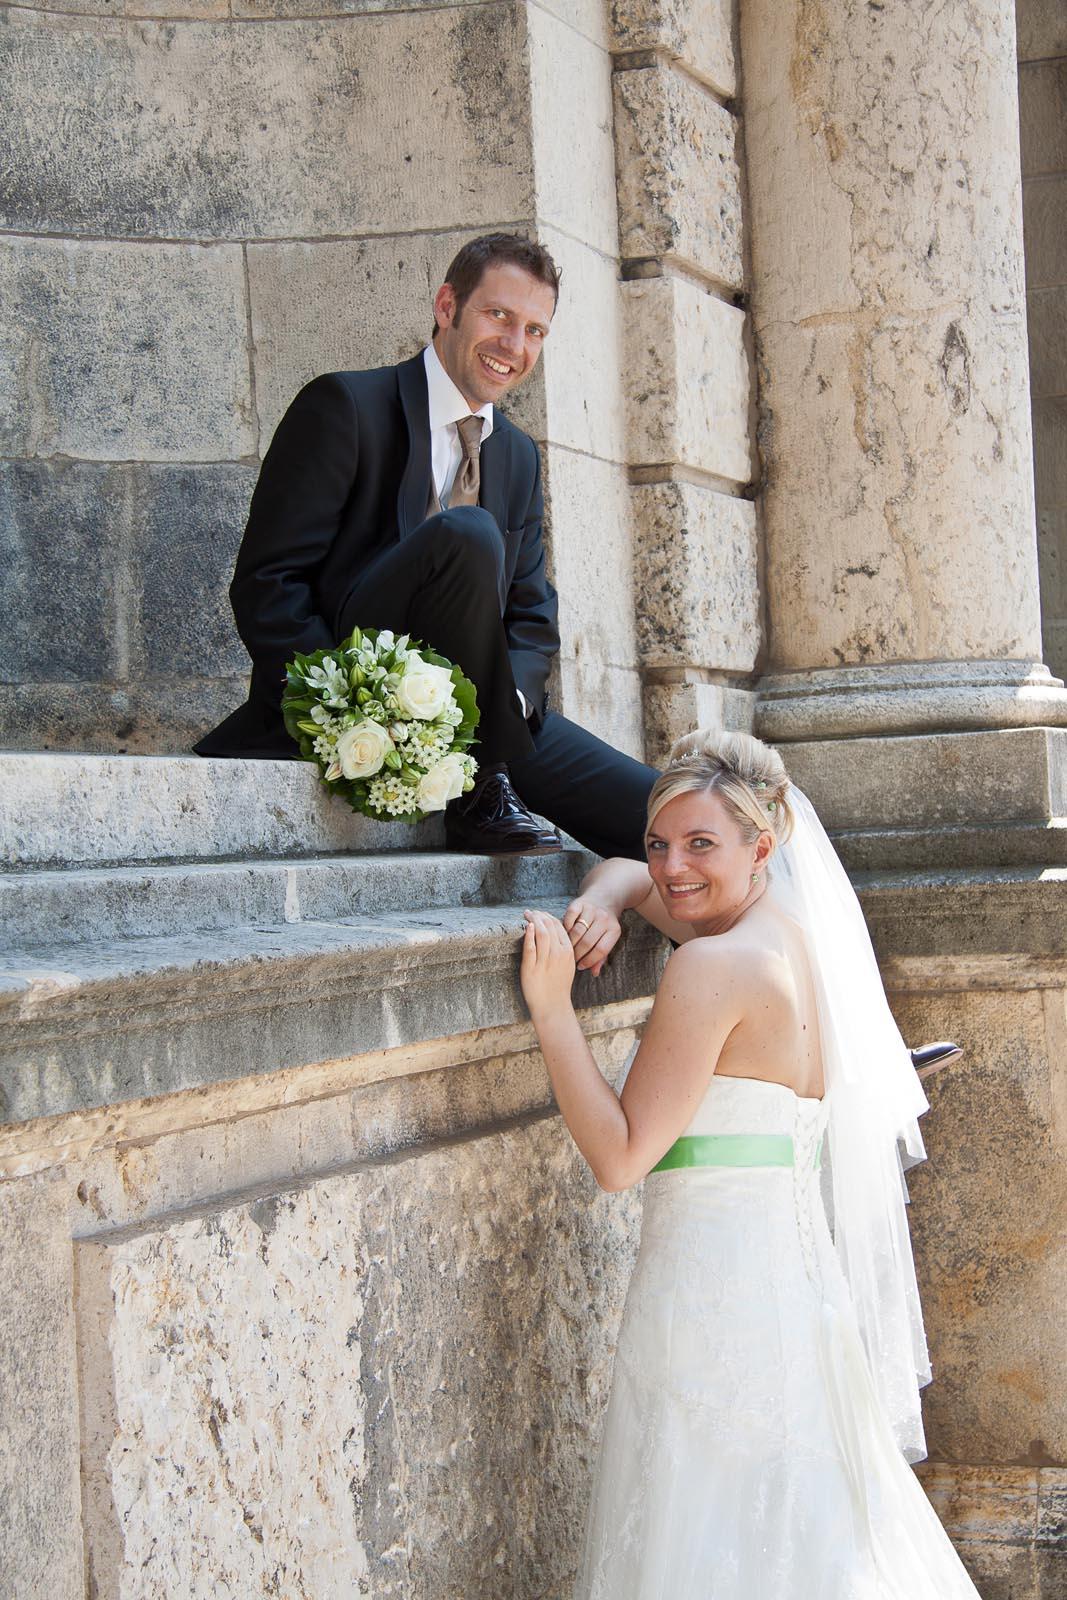 Hochzeitsportraits-Bindl-Hochzeitsportraits-Bindl-8363.jpg